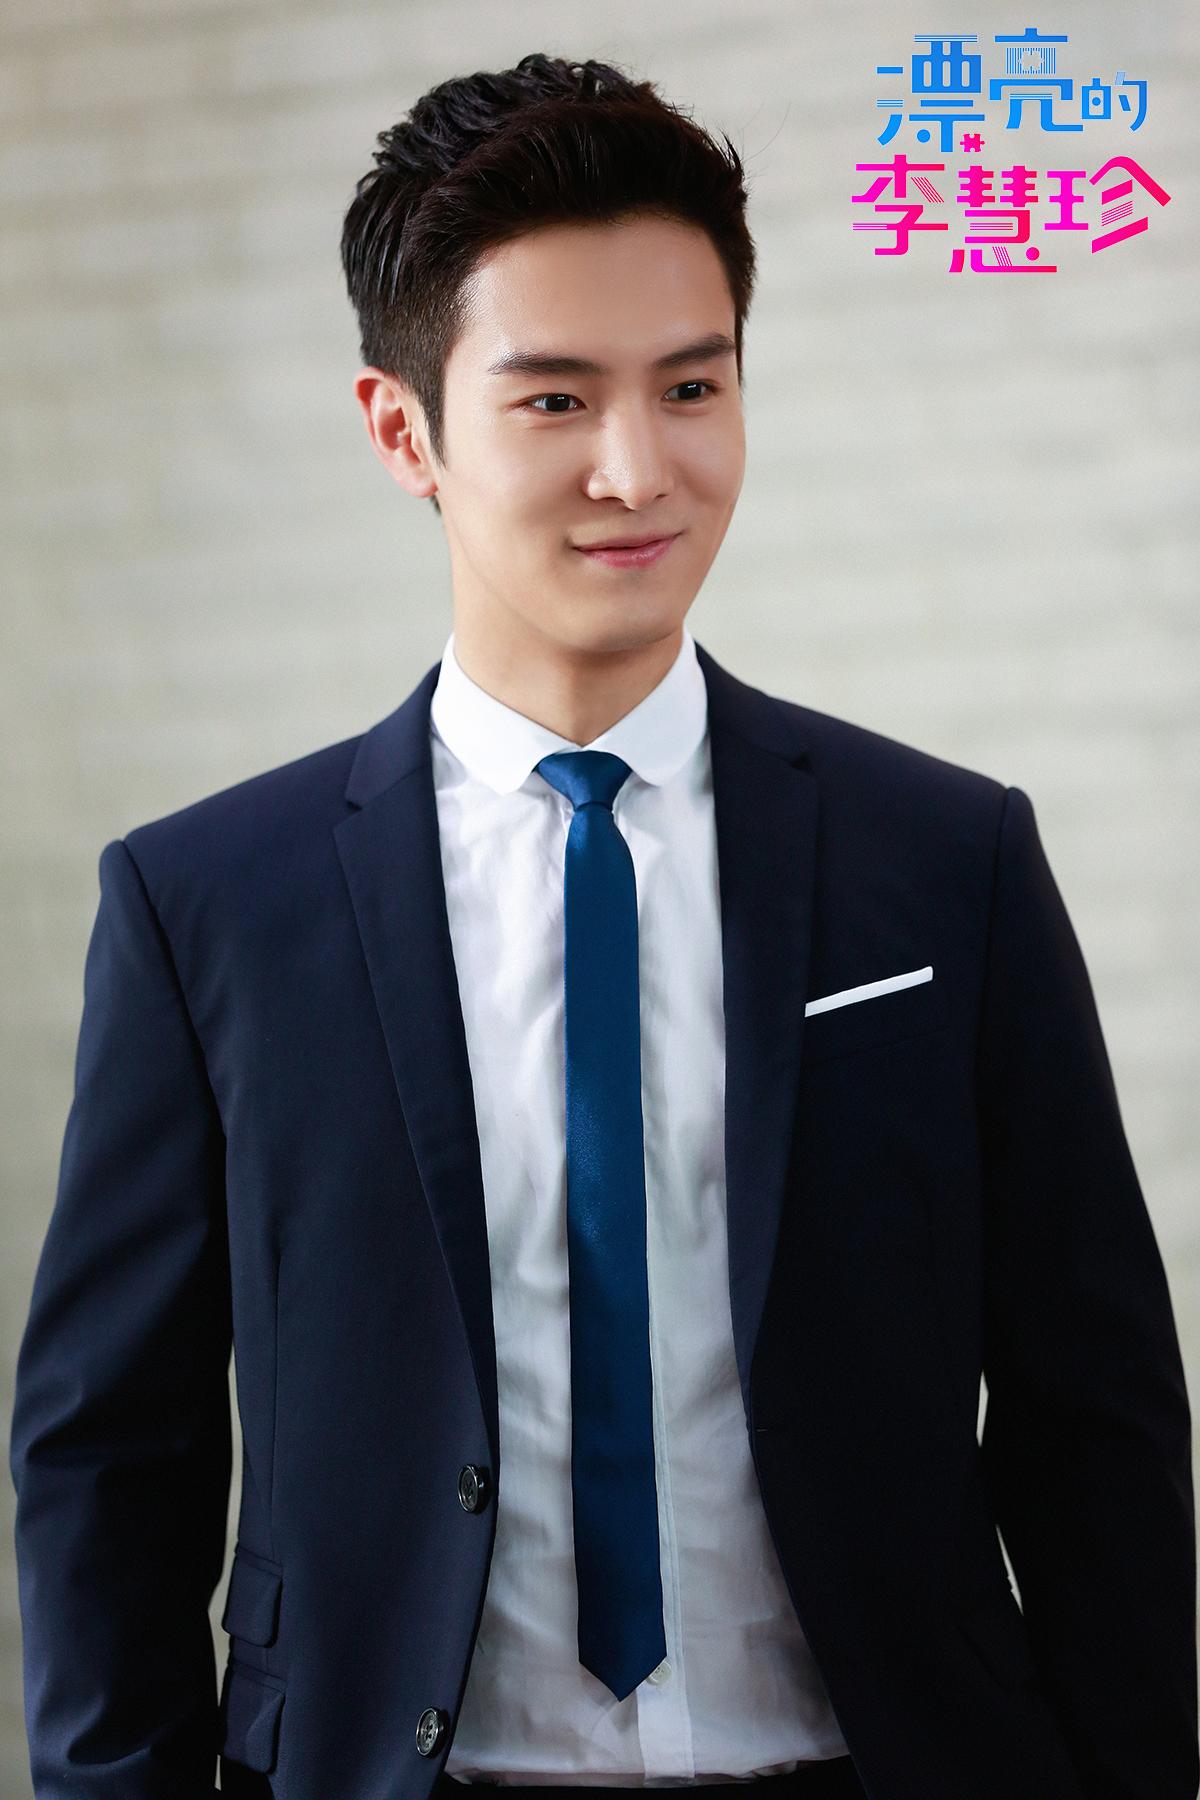 pretty li hui zhen peter sheng